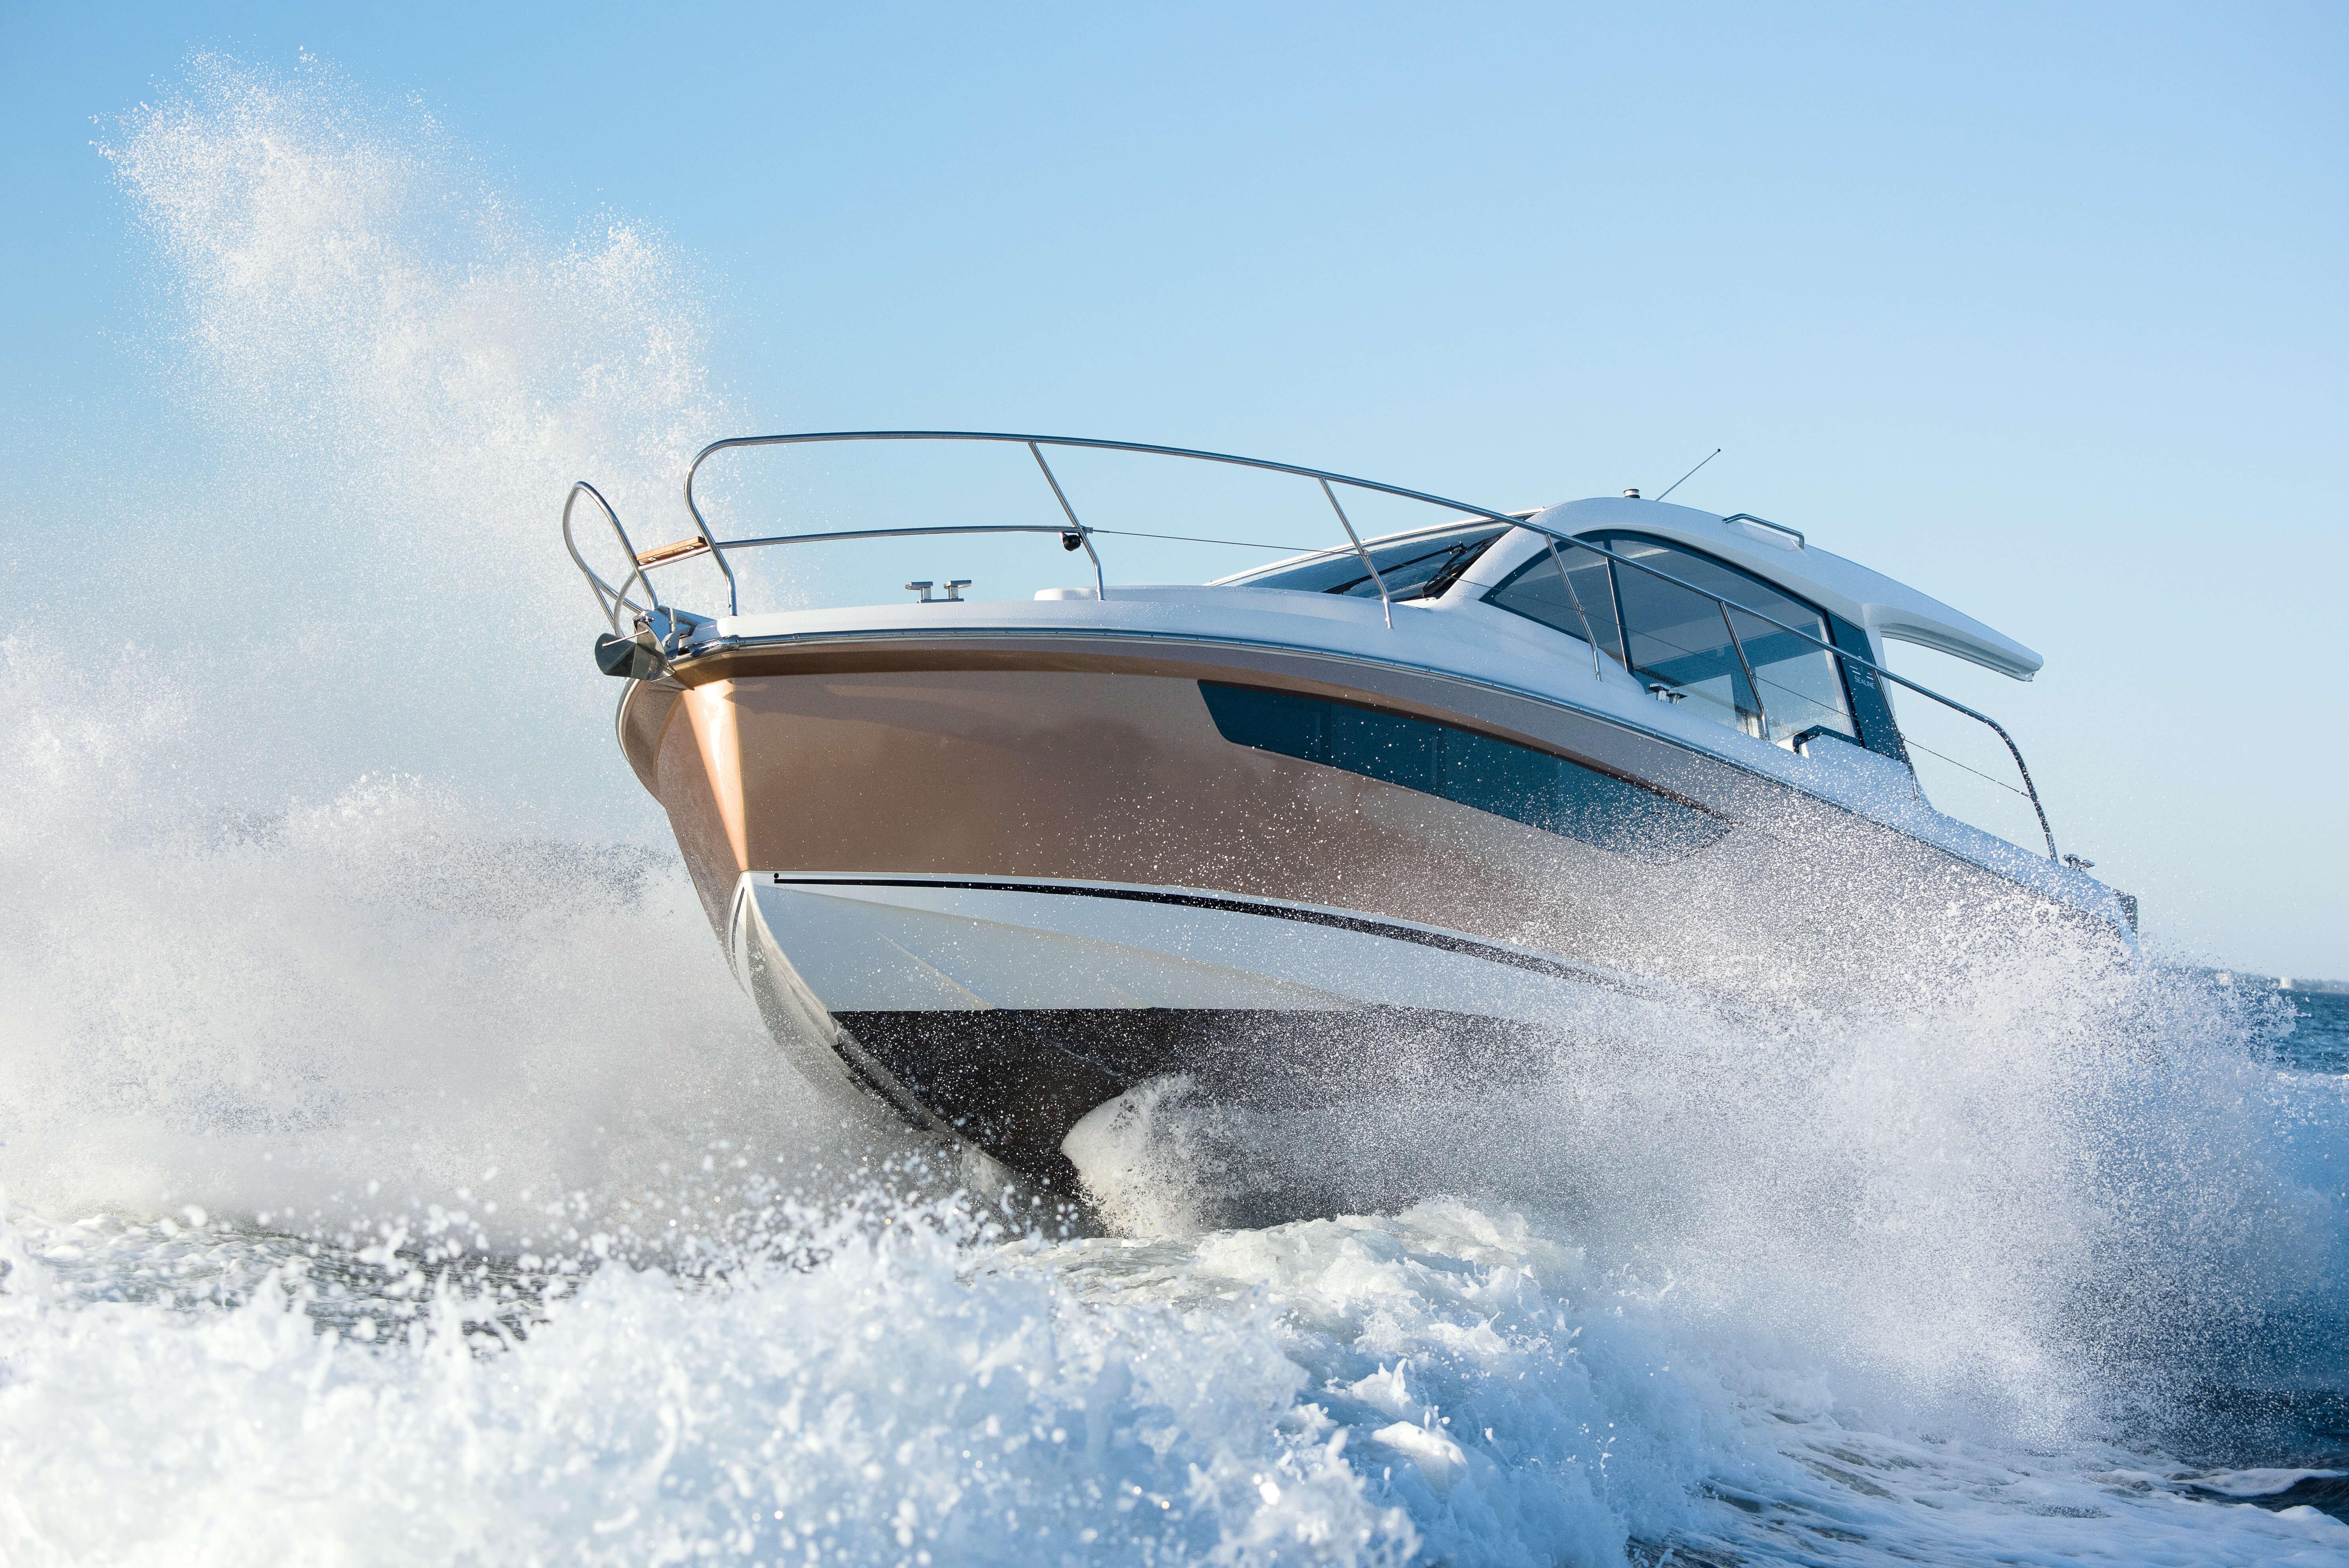 Sealine C330 Außenansicht | Die üppige Außenstruktur verspricht eine beschwingte Reise auf jeder Seemeile, die Sie zurücklegen. | Sealine